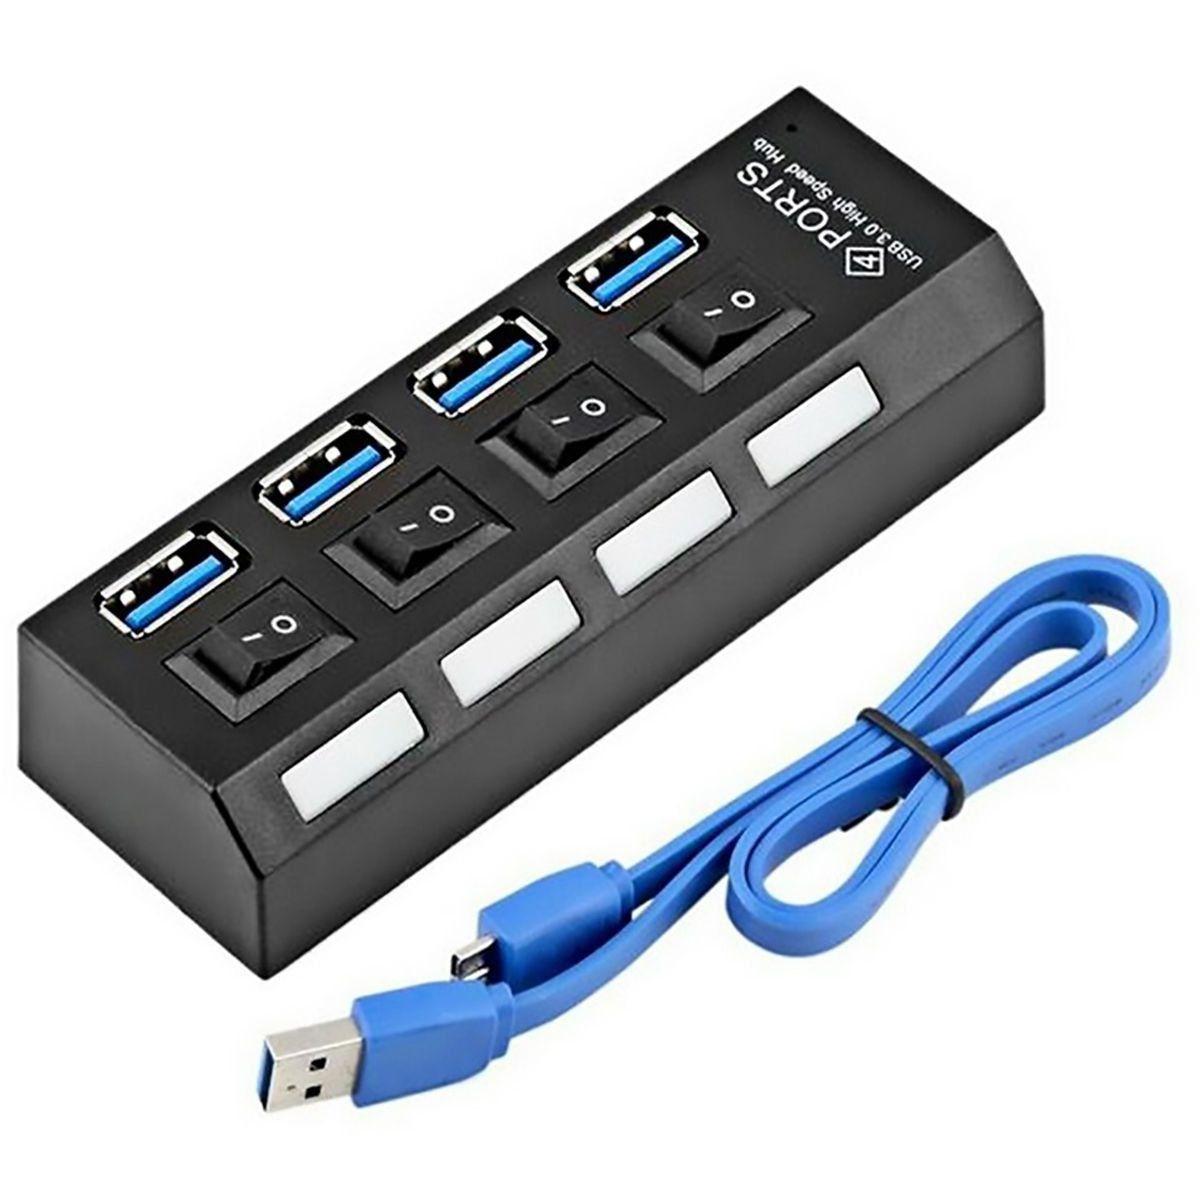 ATACADO: 4 HUB USB 3.0 4 PORTAS COM SWITCH E LED INDICADOR SUPORTA 1TB